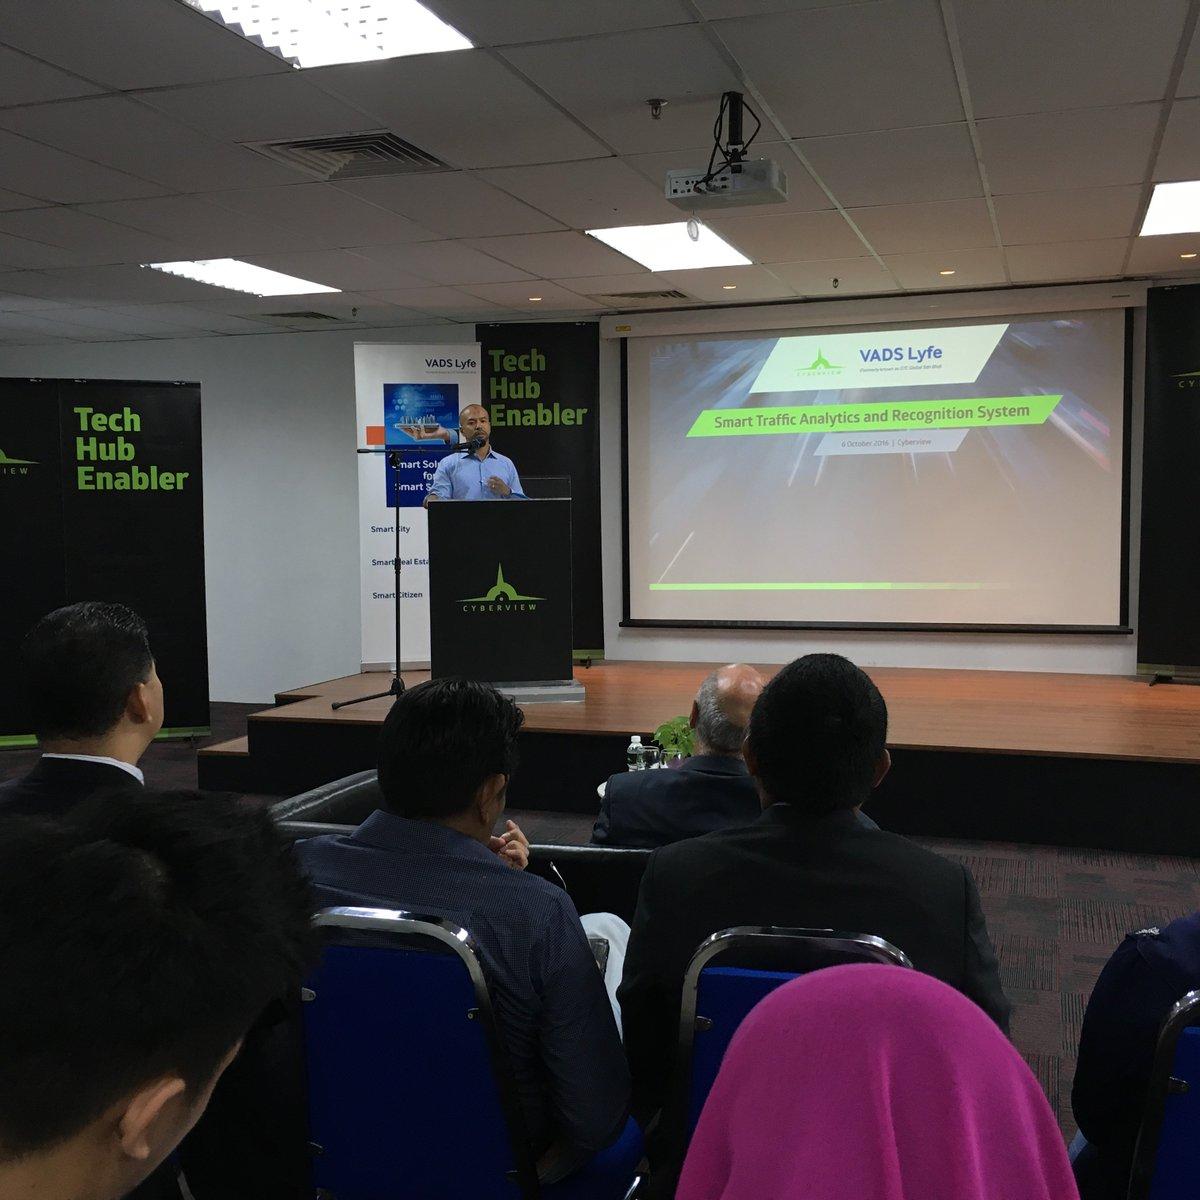 Cyberjaya Malaysia on Twitter: